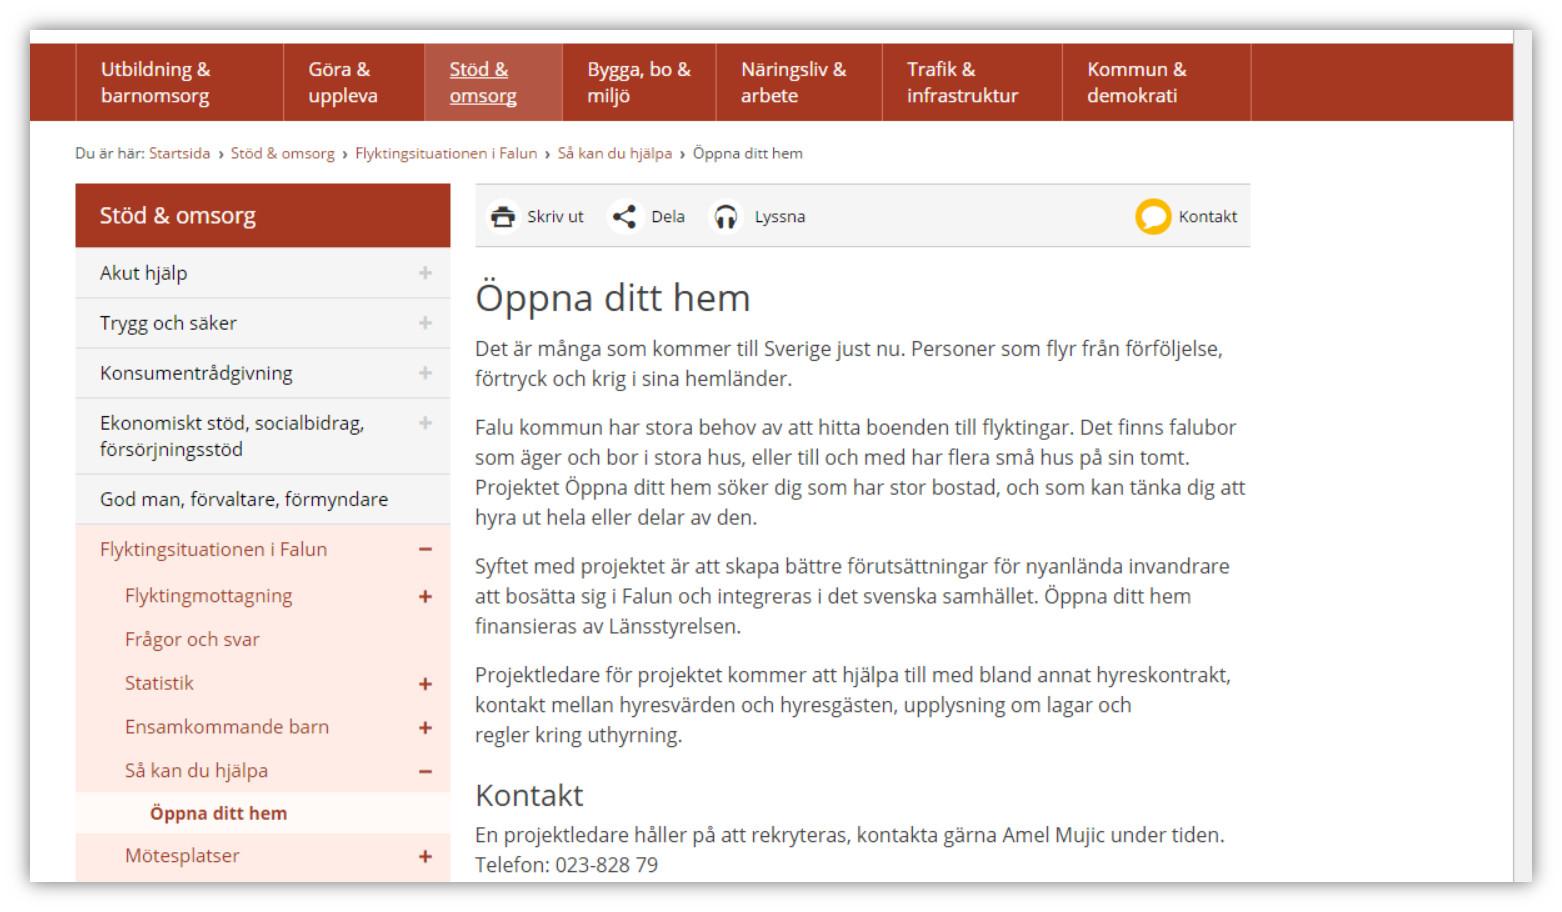 Foto: Skärmdump